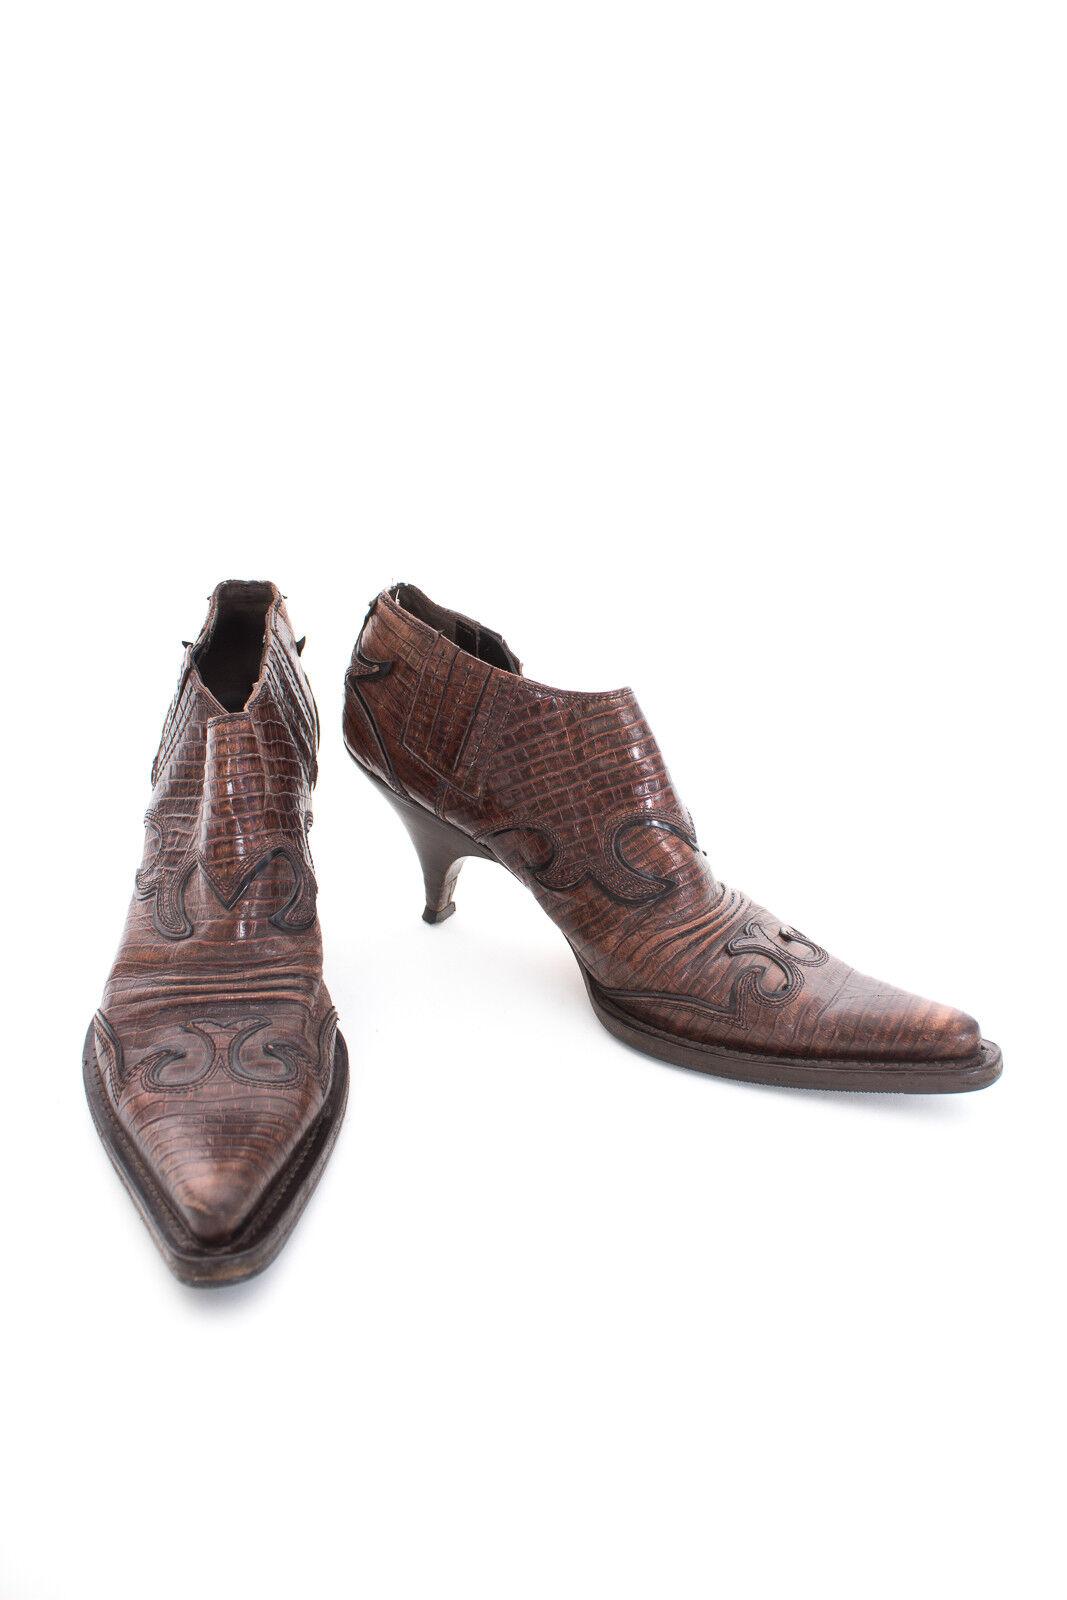 Miu Miu botines zapatos señora talla de de de 40 cuero marrón  hasta un 50% de descuento